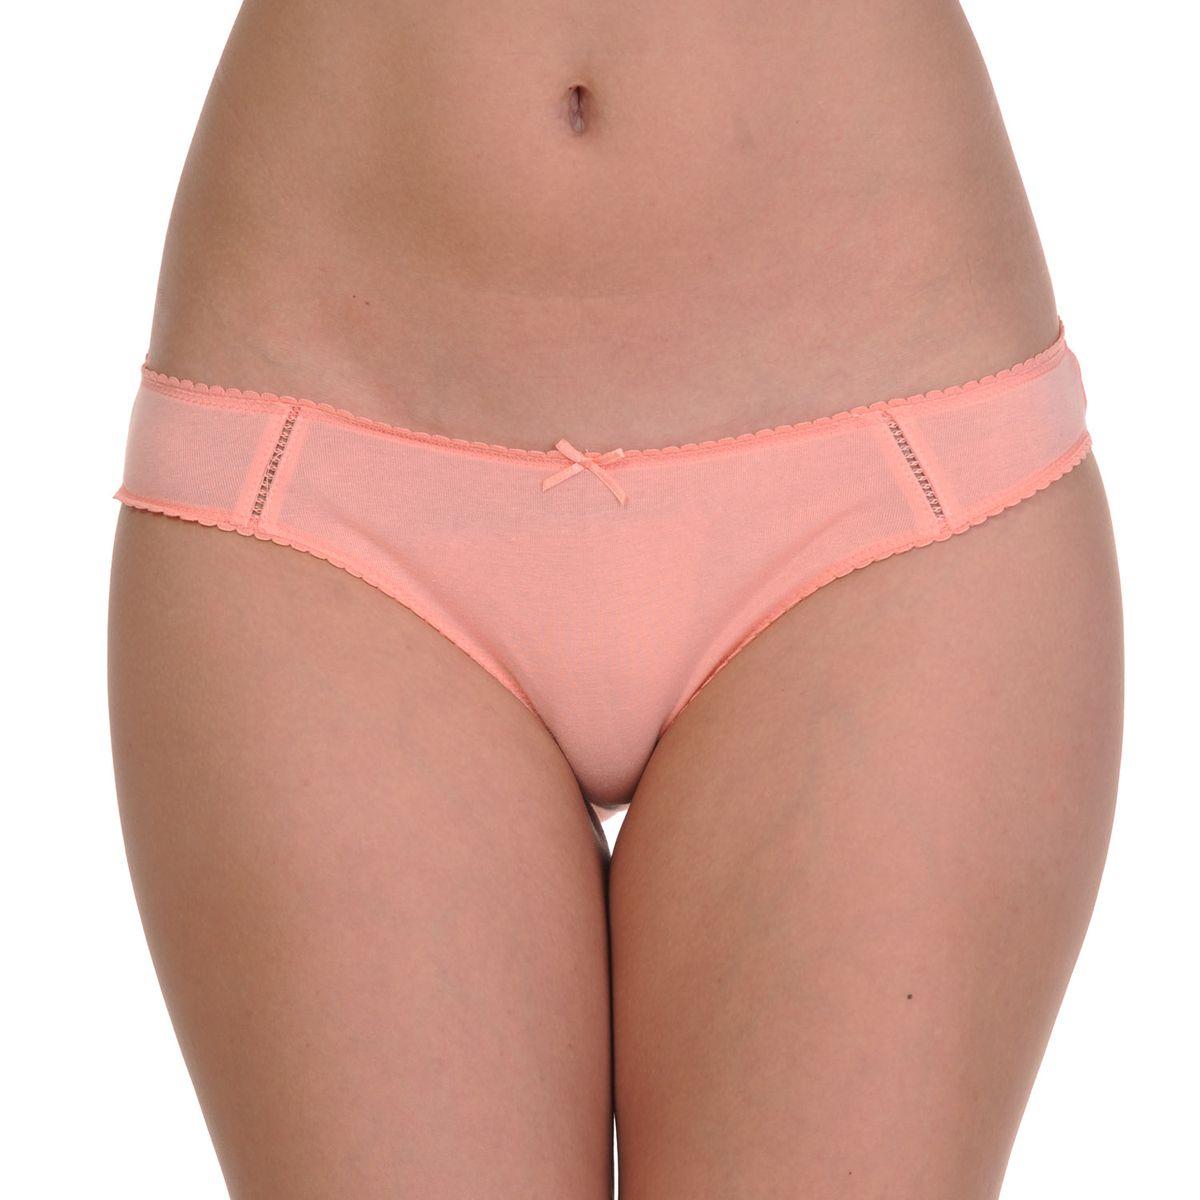 Трусы женские Vis-A-Vis, цвет: светло-розовый. DS1124. Размер M (46) трусы vis a vis трусы